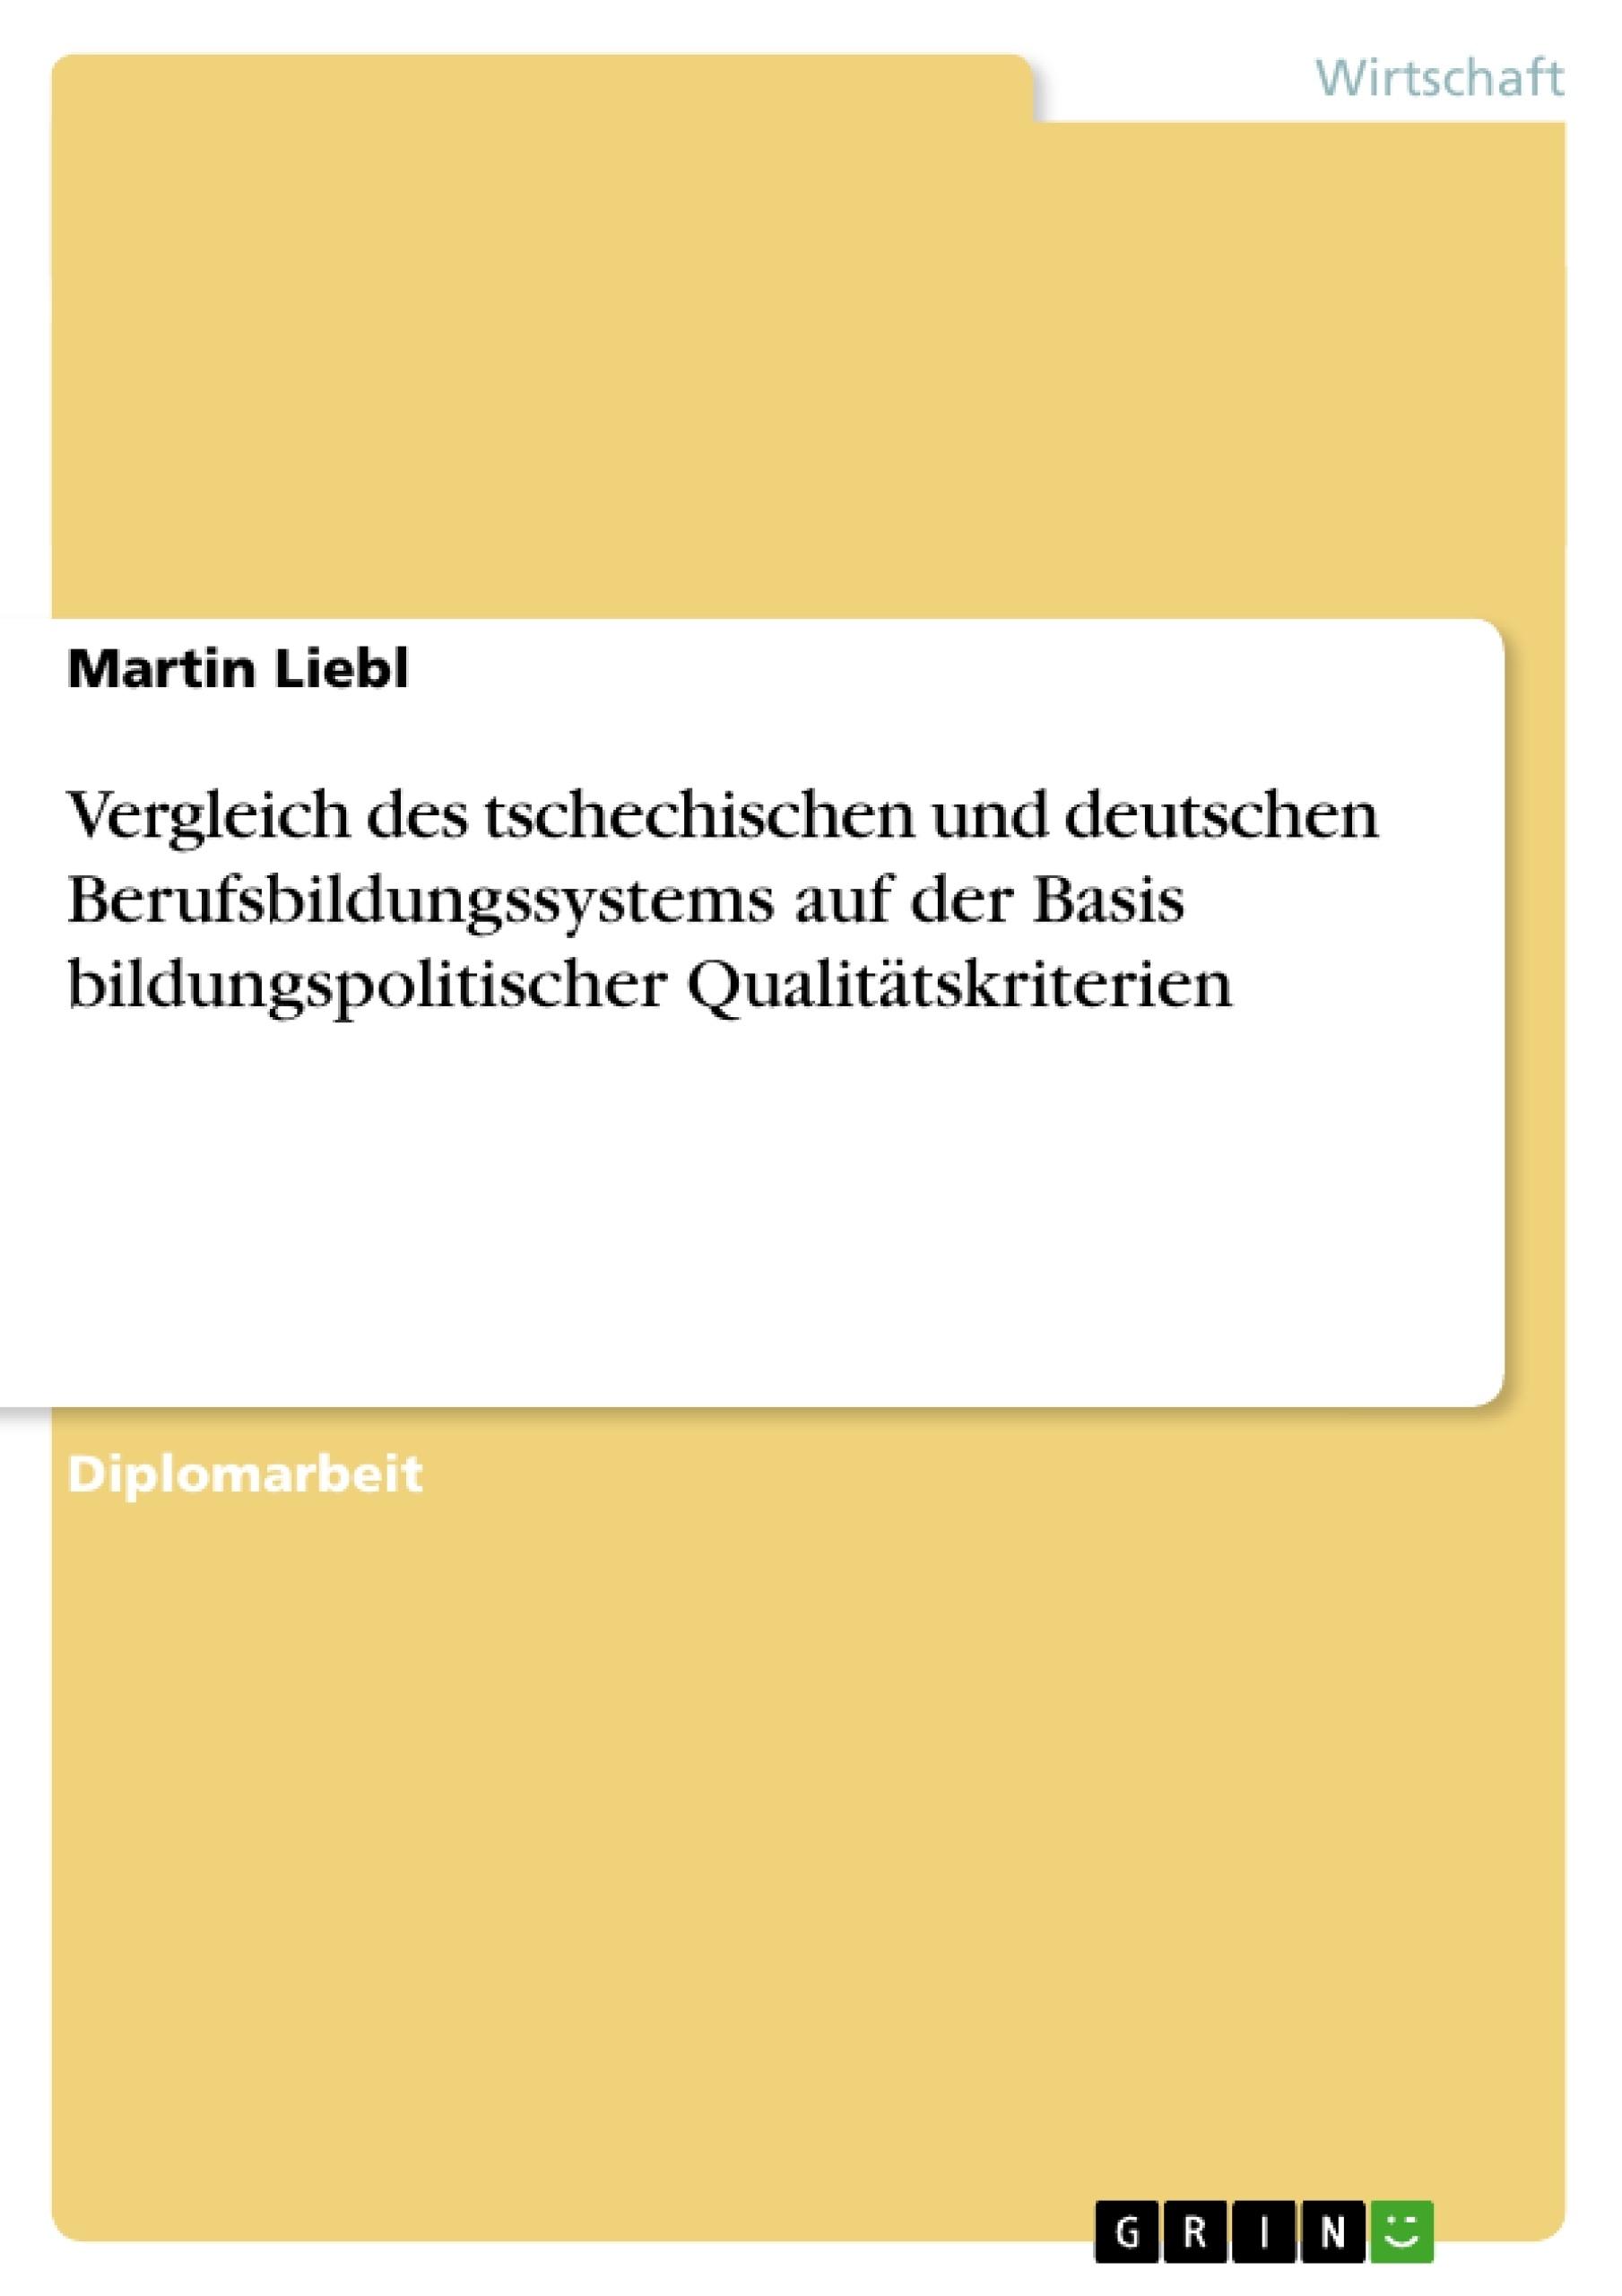 Titel: Vergleich des tschechischen und deutschen Berufsbildungssystems auf der Basis bildungspolitischer Qualitätskriterien